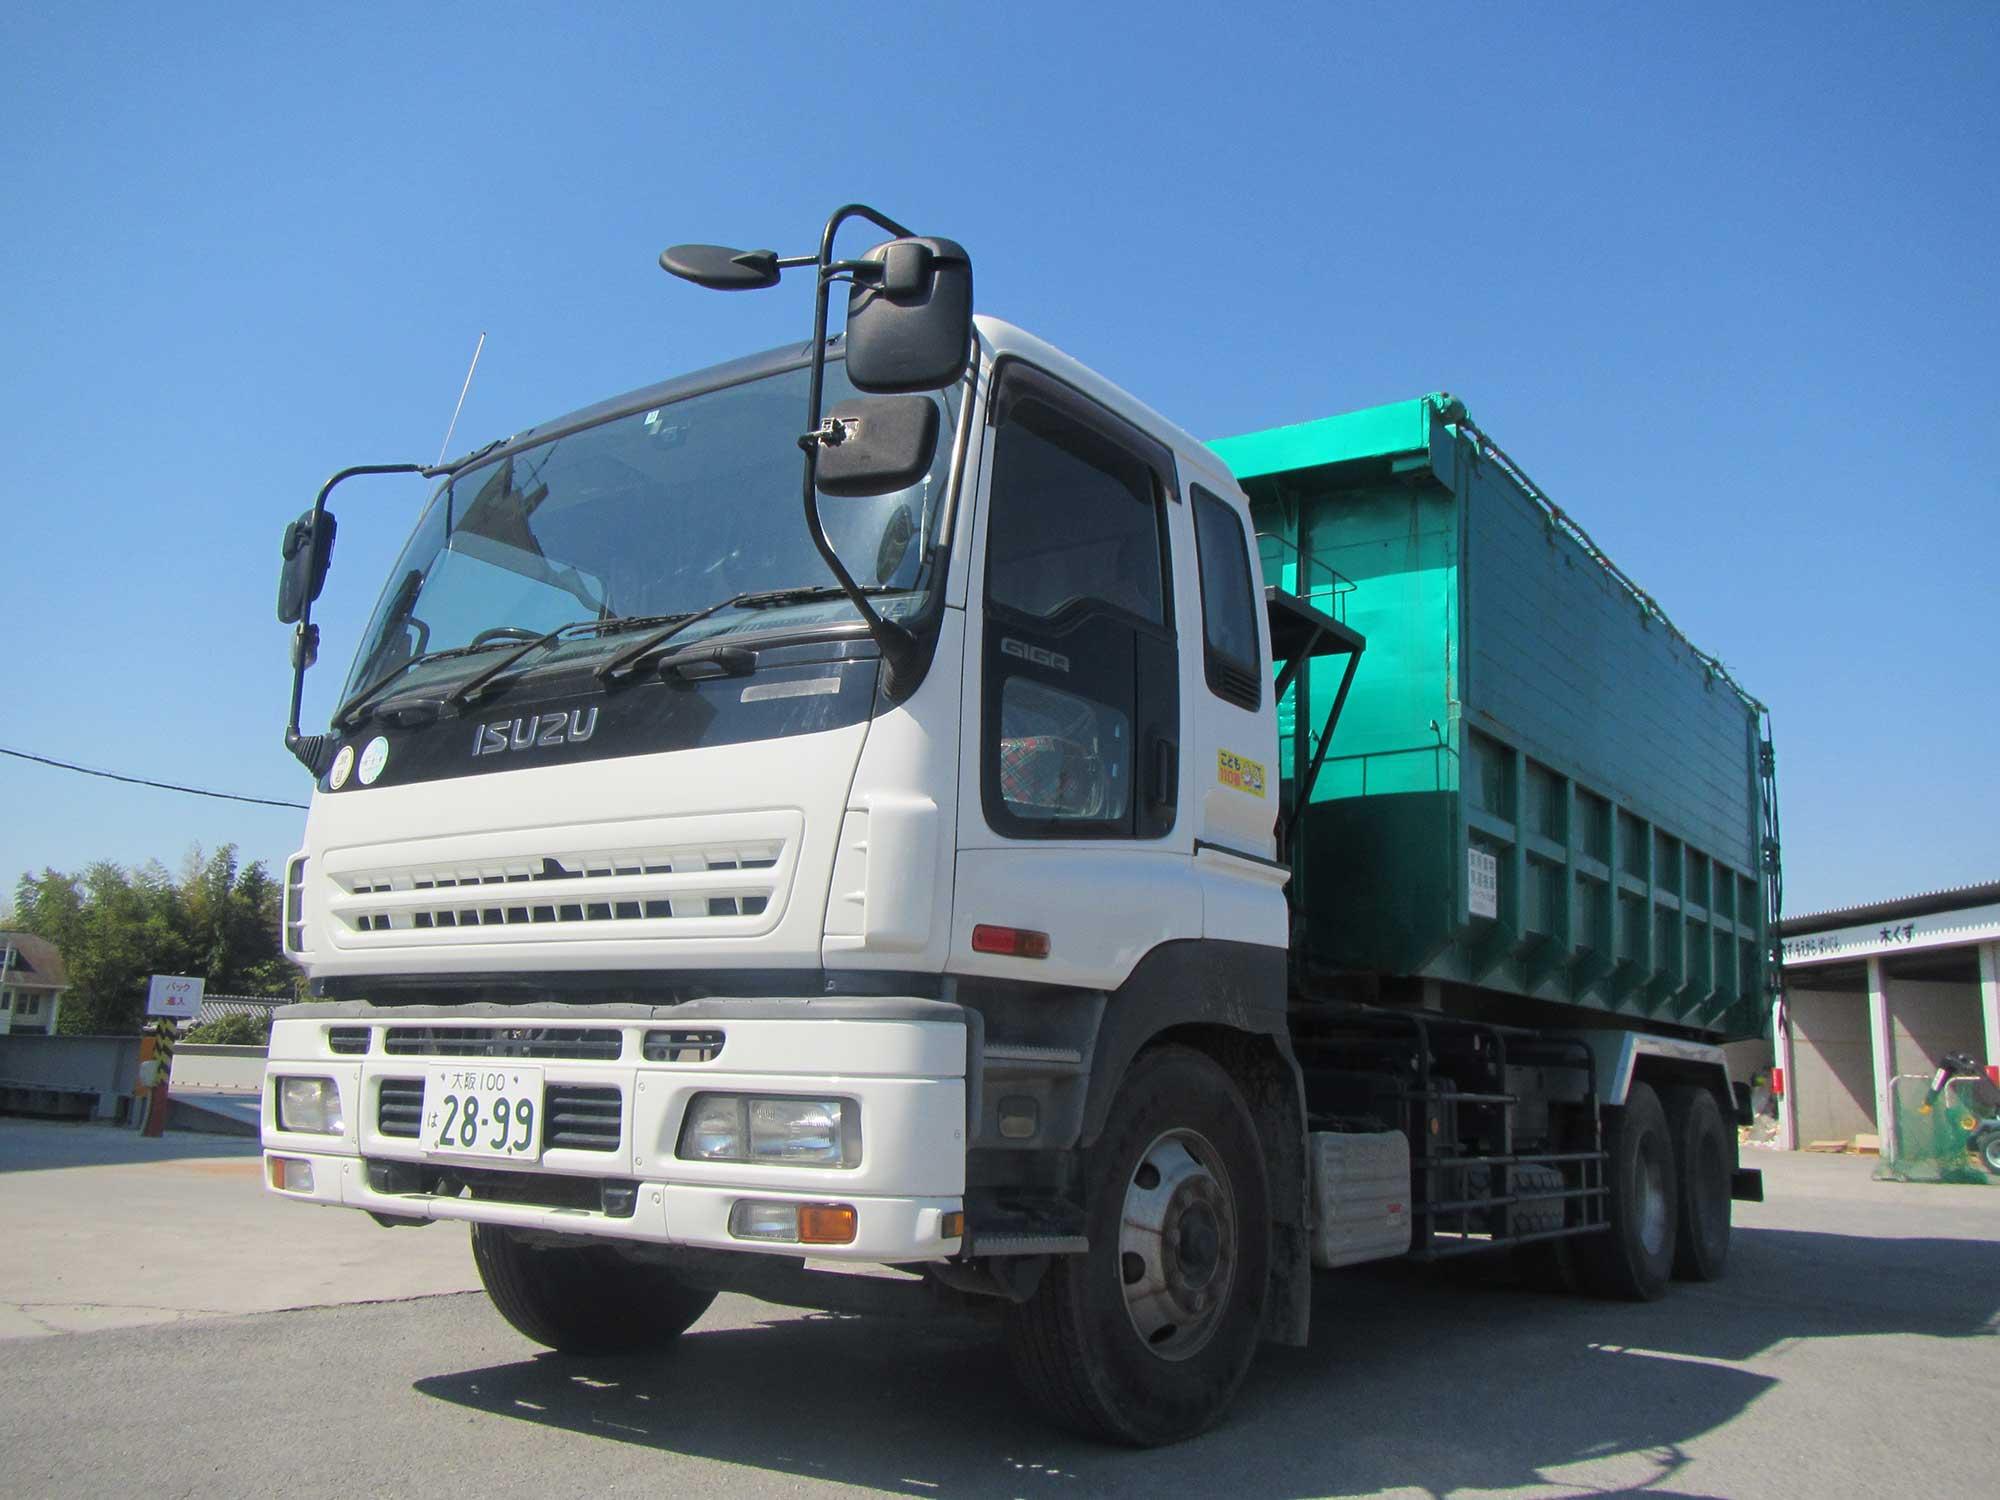 産業廃棄物収集運搬事業の車両